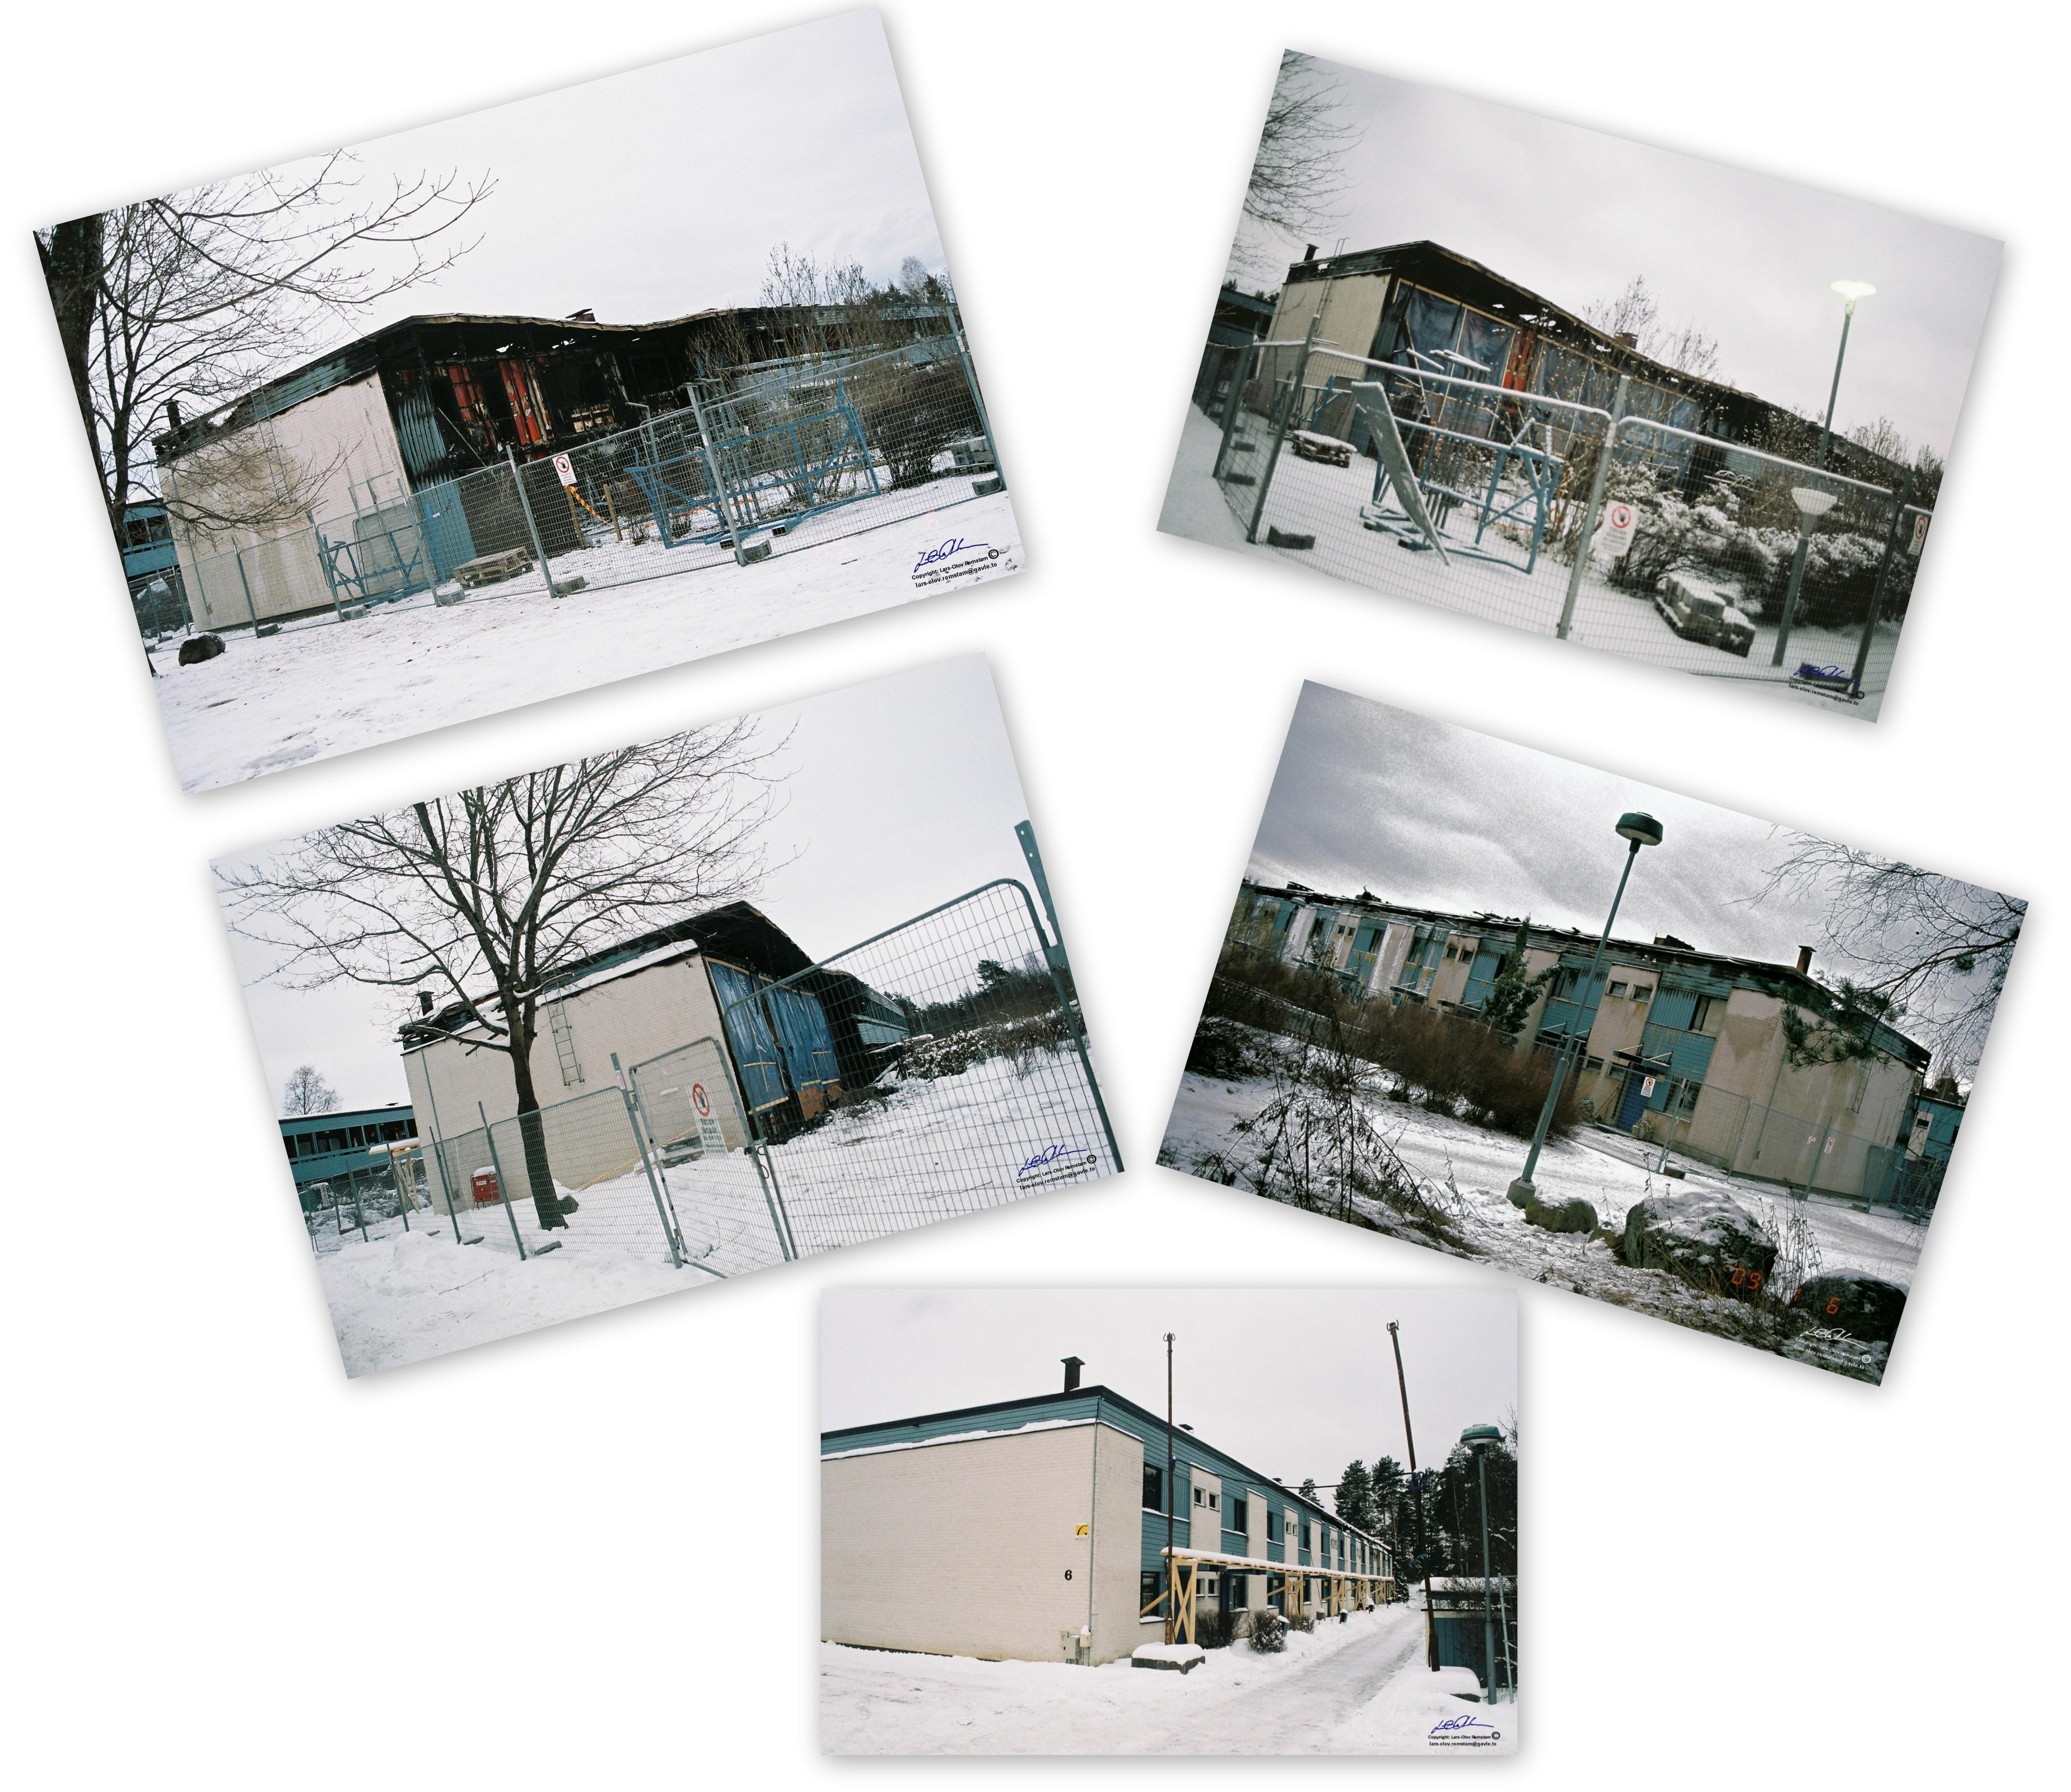 Brand på Blåbärsvägen mellan 1/1 – 2/1 2009